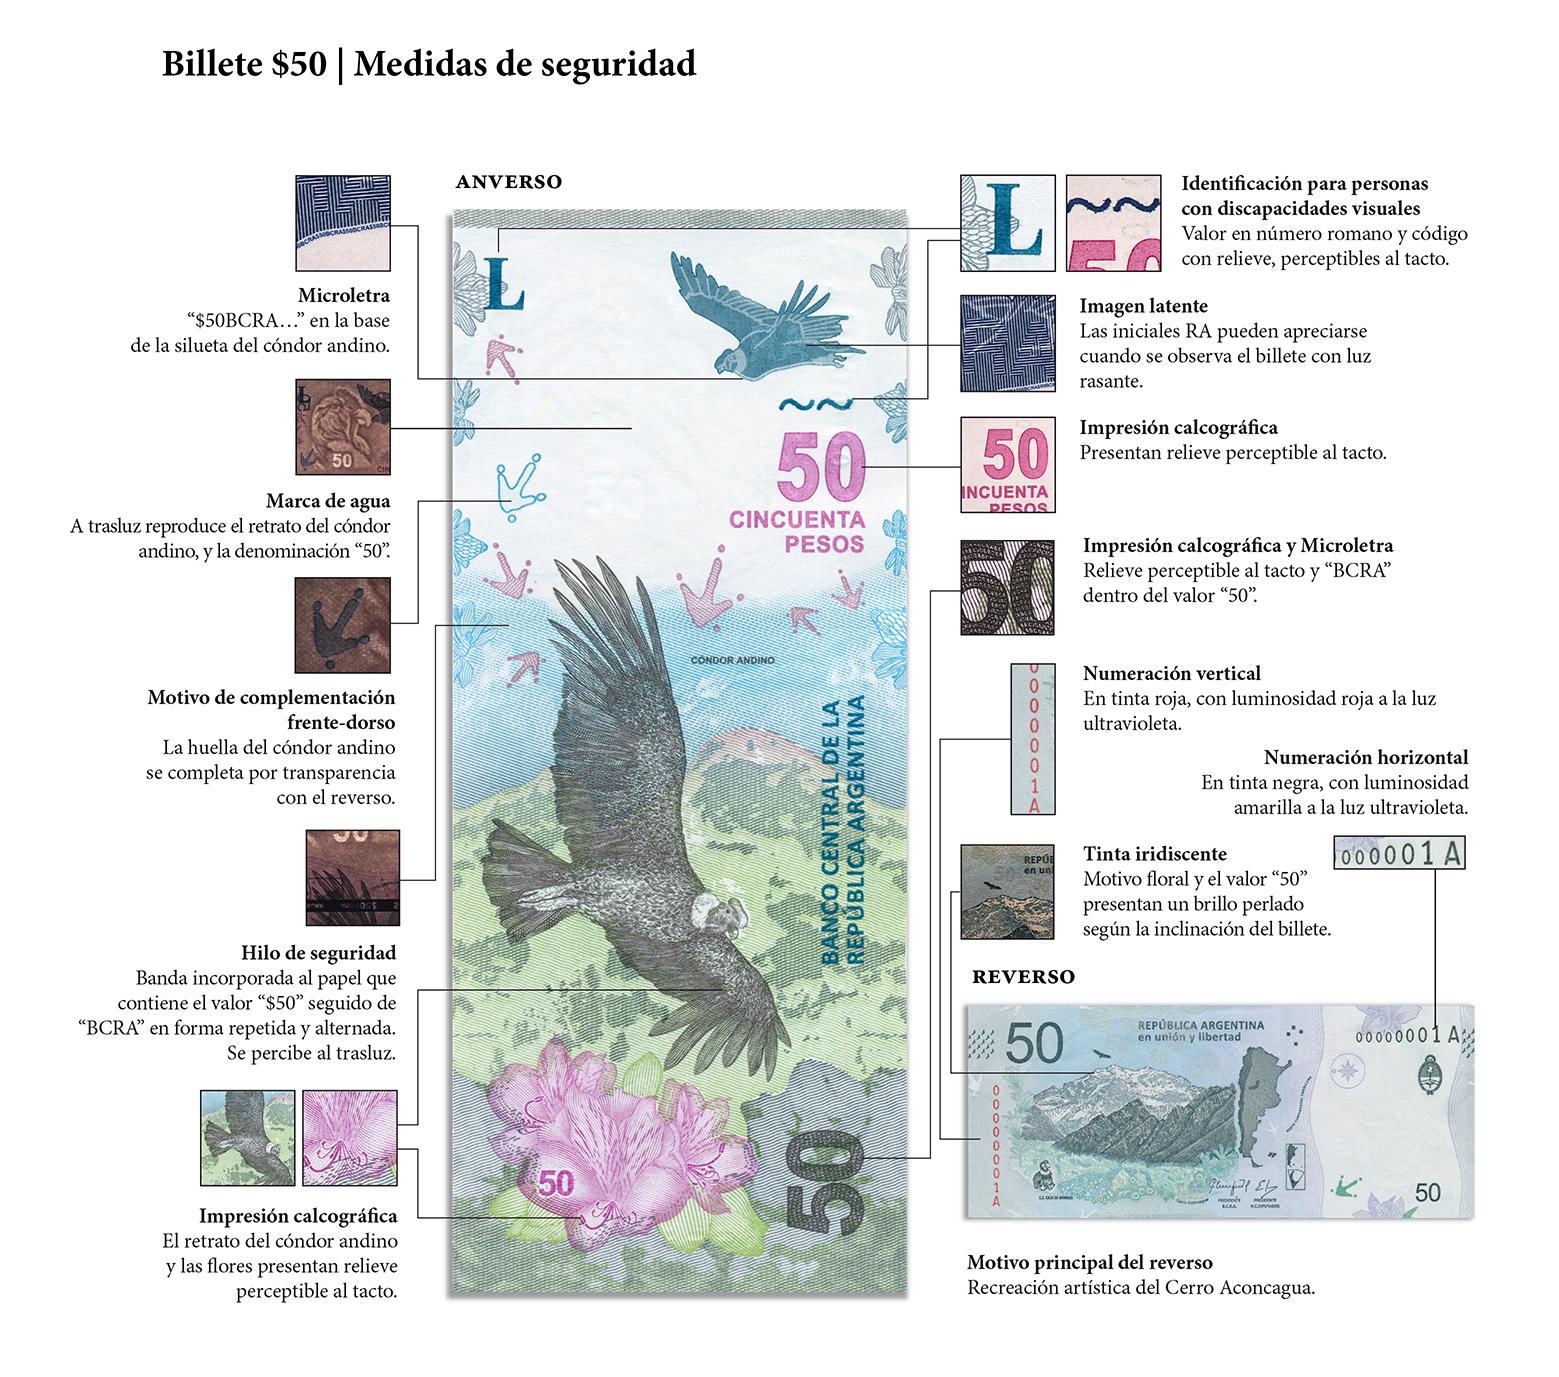 Billete de 50 pesos argentinos medidas de seguridad